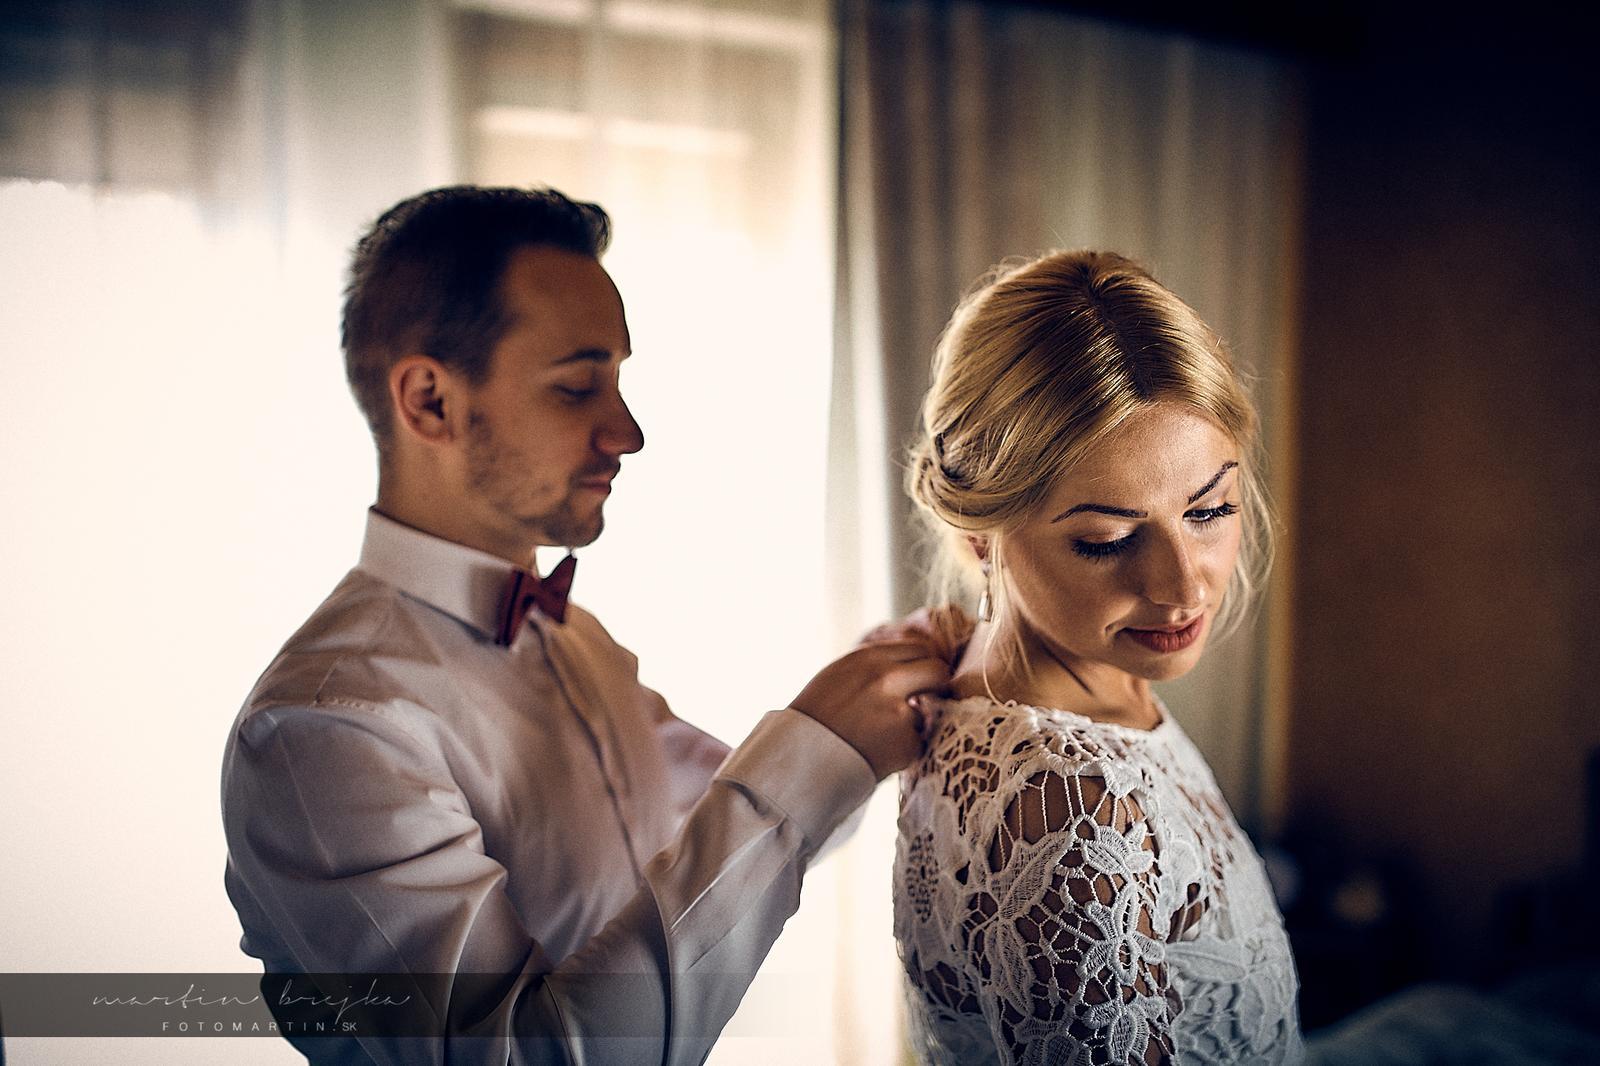 Natalia&dominik - Obrázok č. 2